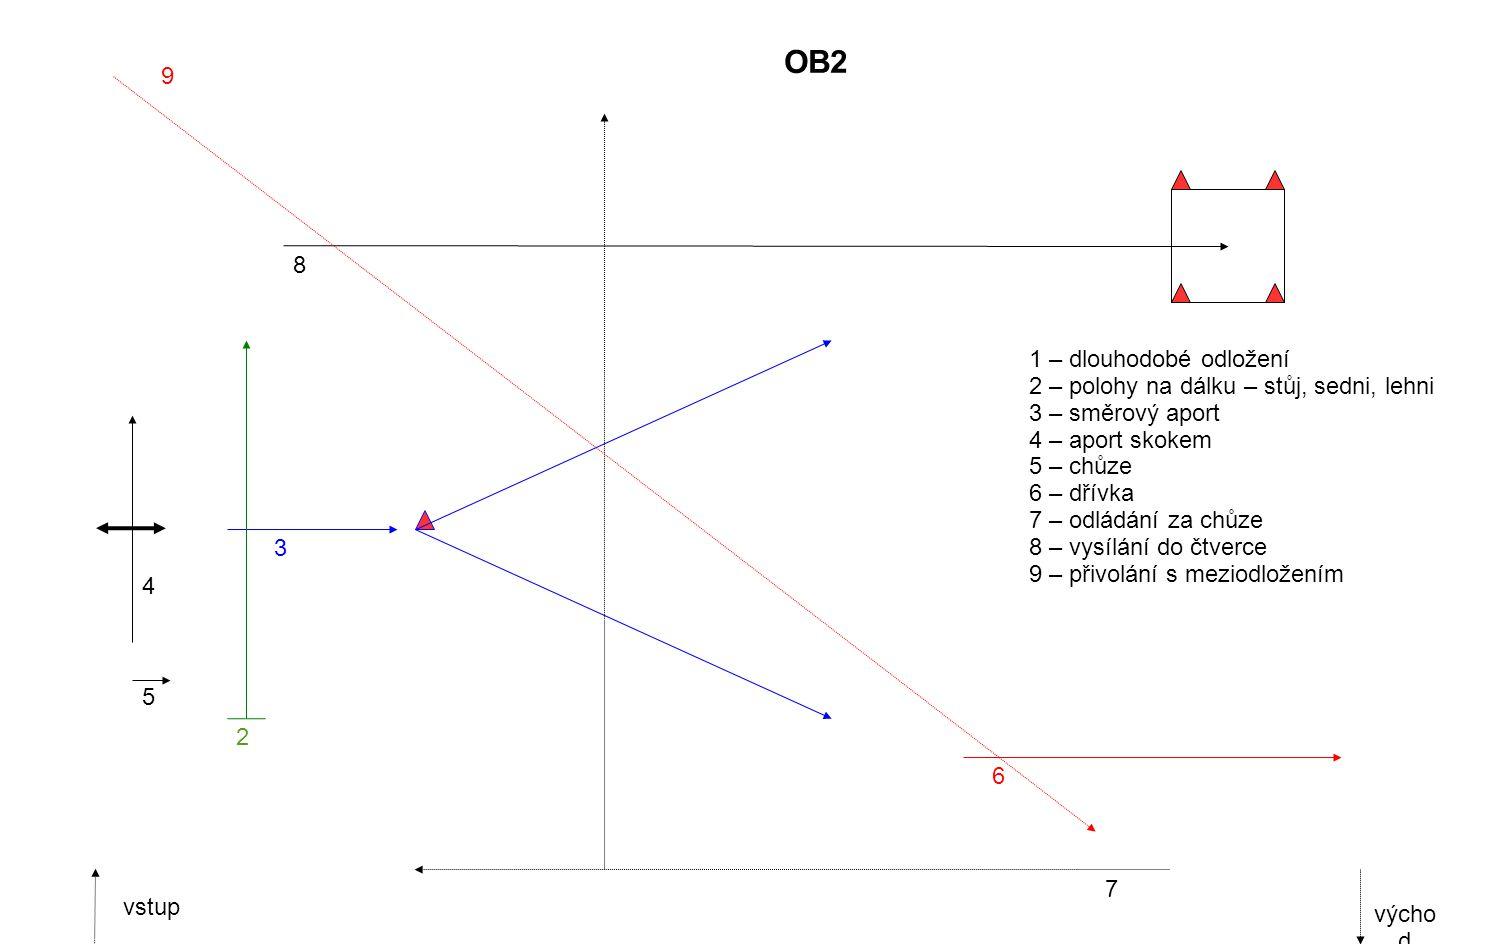 2 3 4 7 6 1 – dlouhodobé odložení 2 – polohy na dálku 3 – aport 4 – skok 5 – chůze 6 – vysílačka do čtverce 7 – odložení do stůj 8 – přivolání 9 – odložení do sedu vstup výcho d OB1 5 8 9